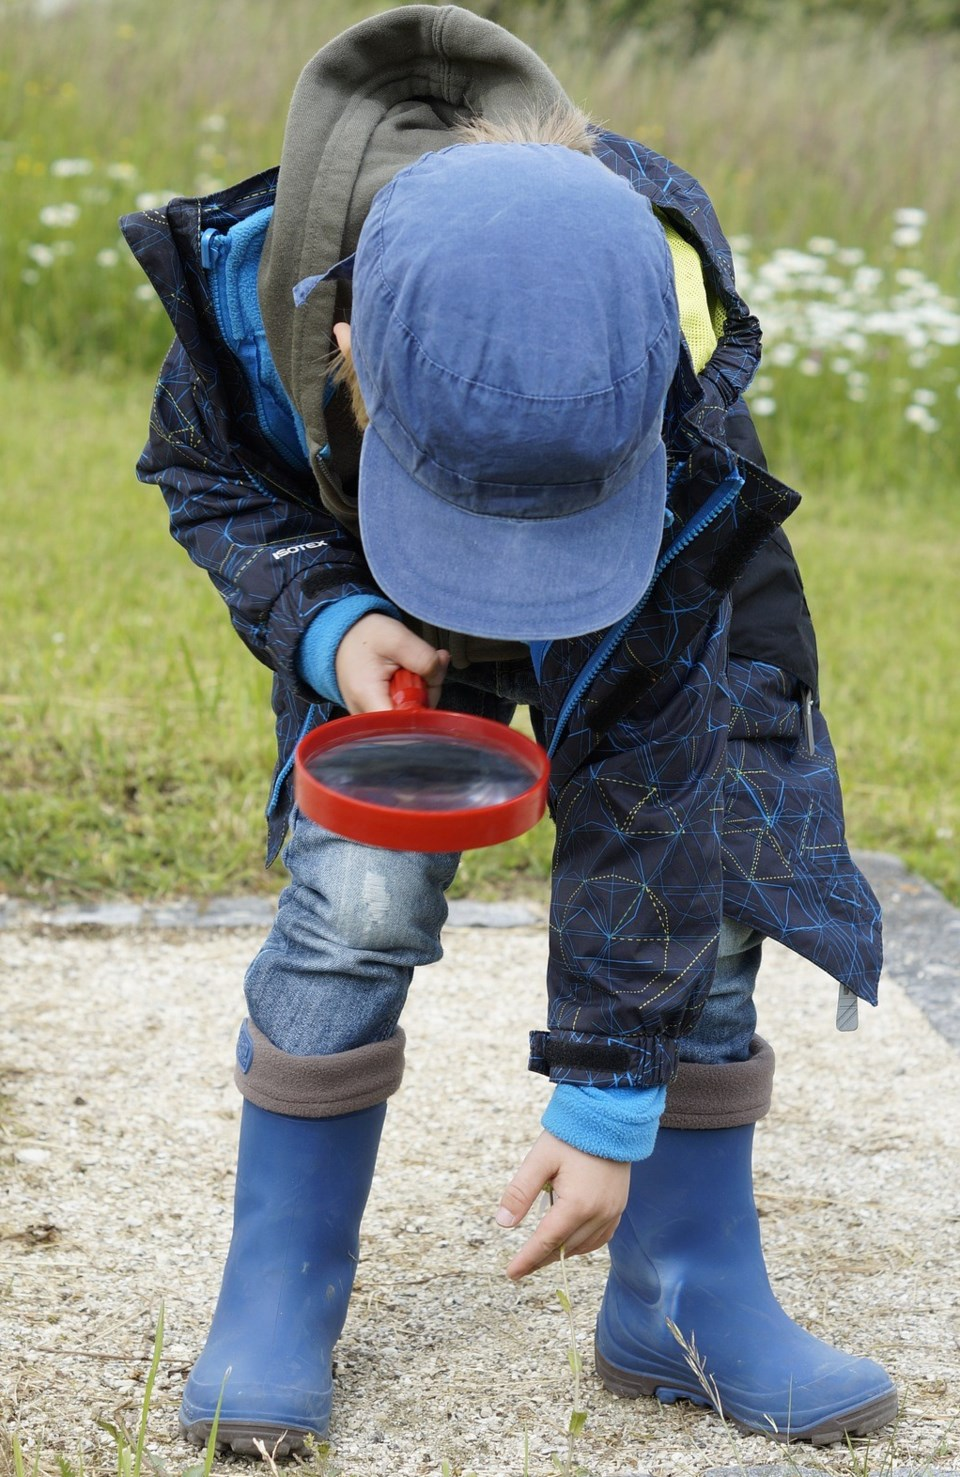 Kidsport scavenger hunt